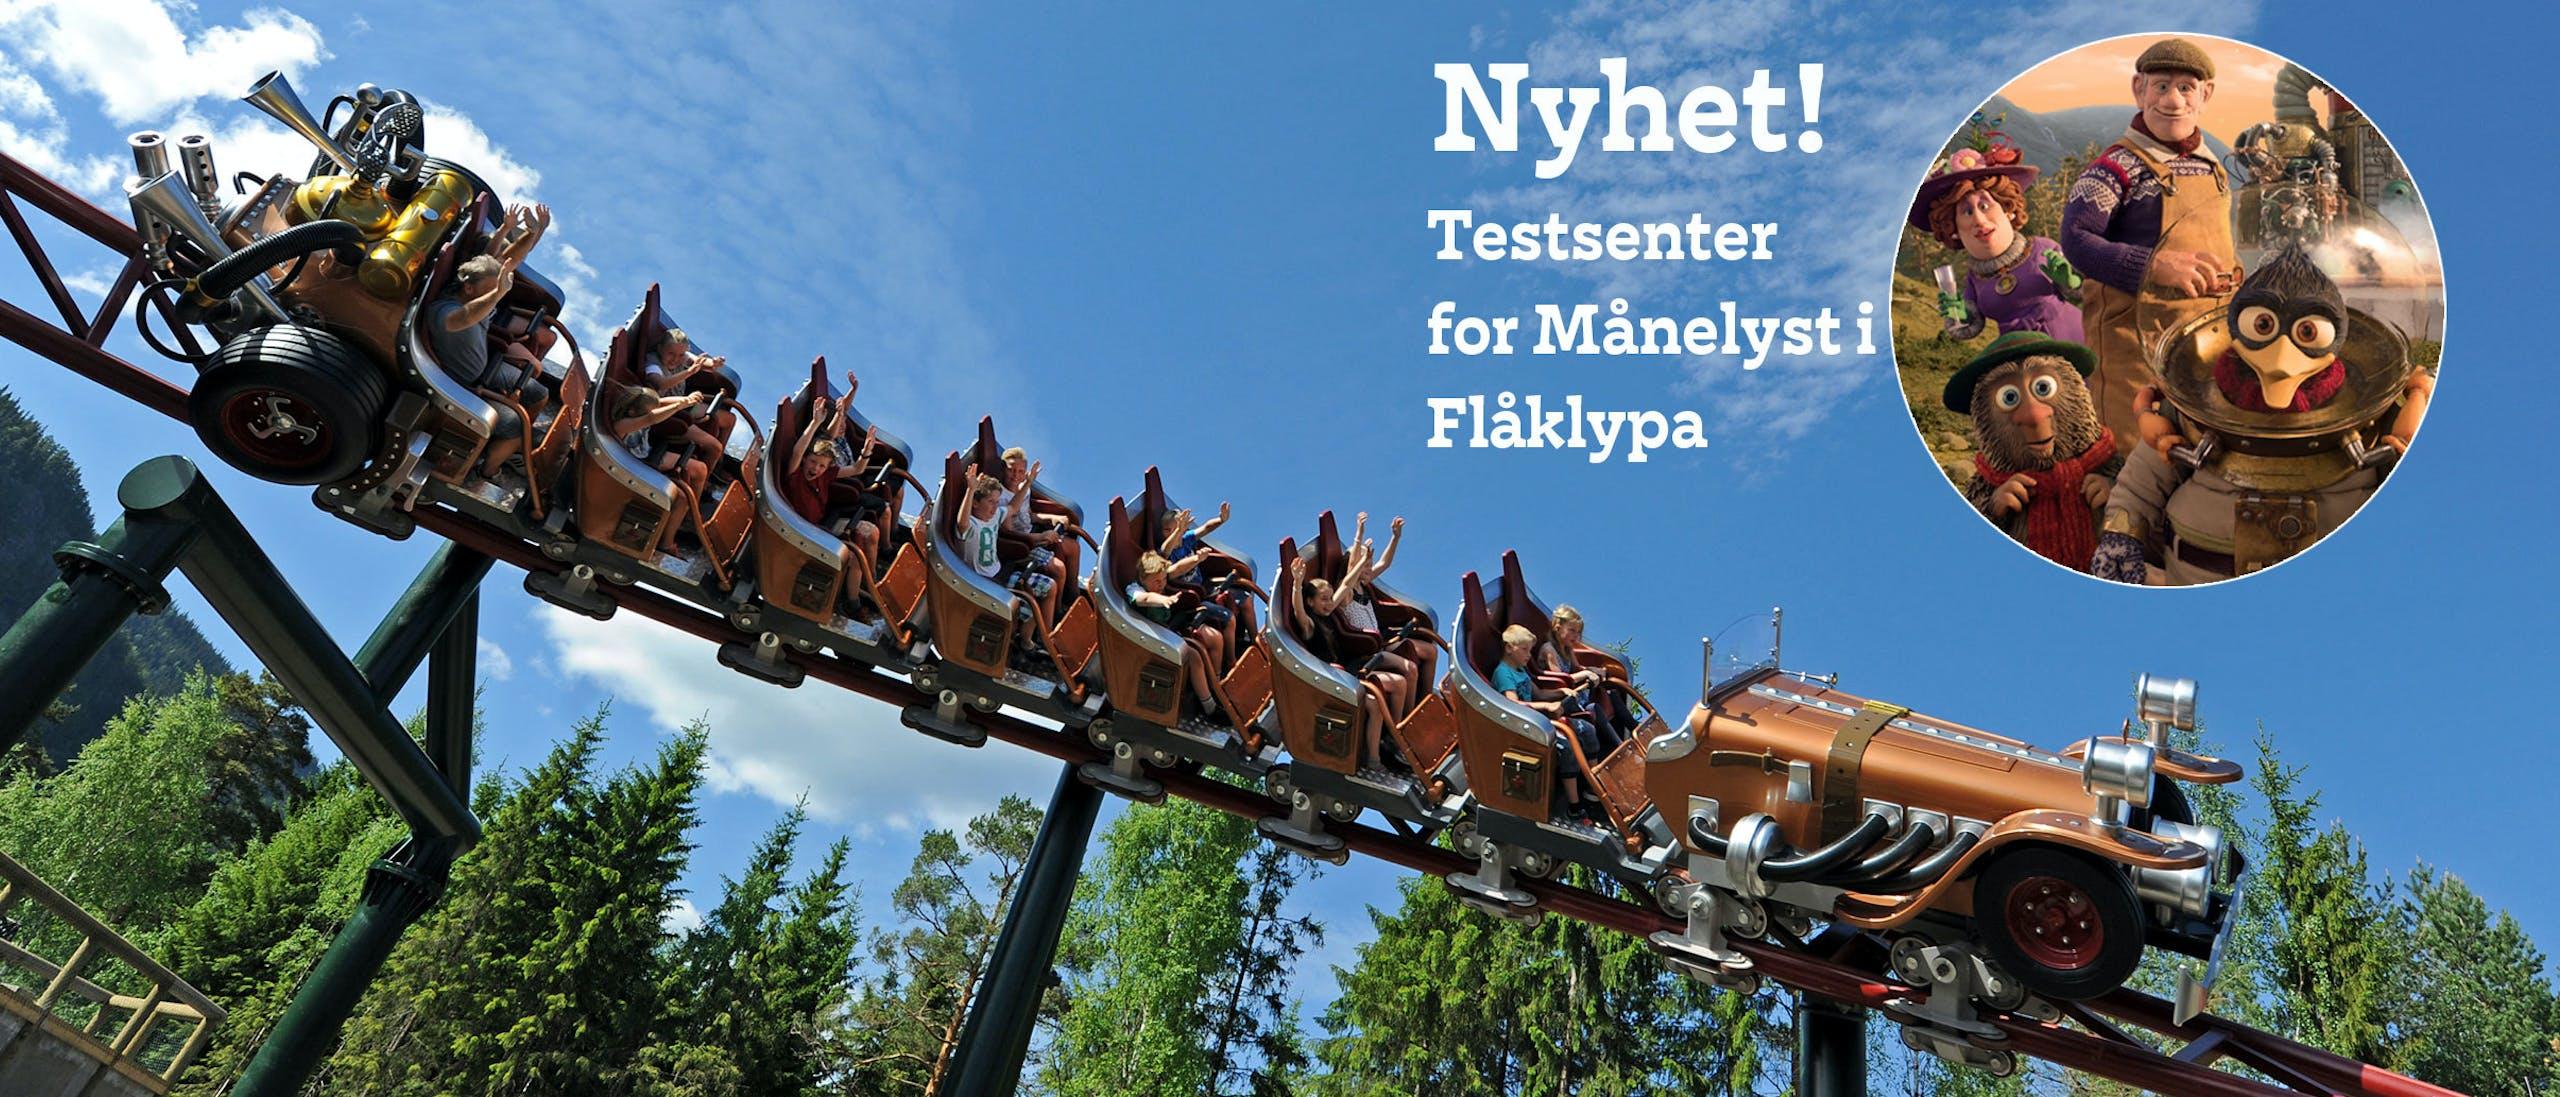 Nyhet_testsenter